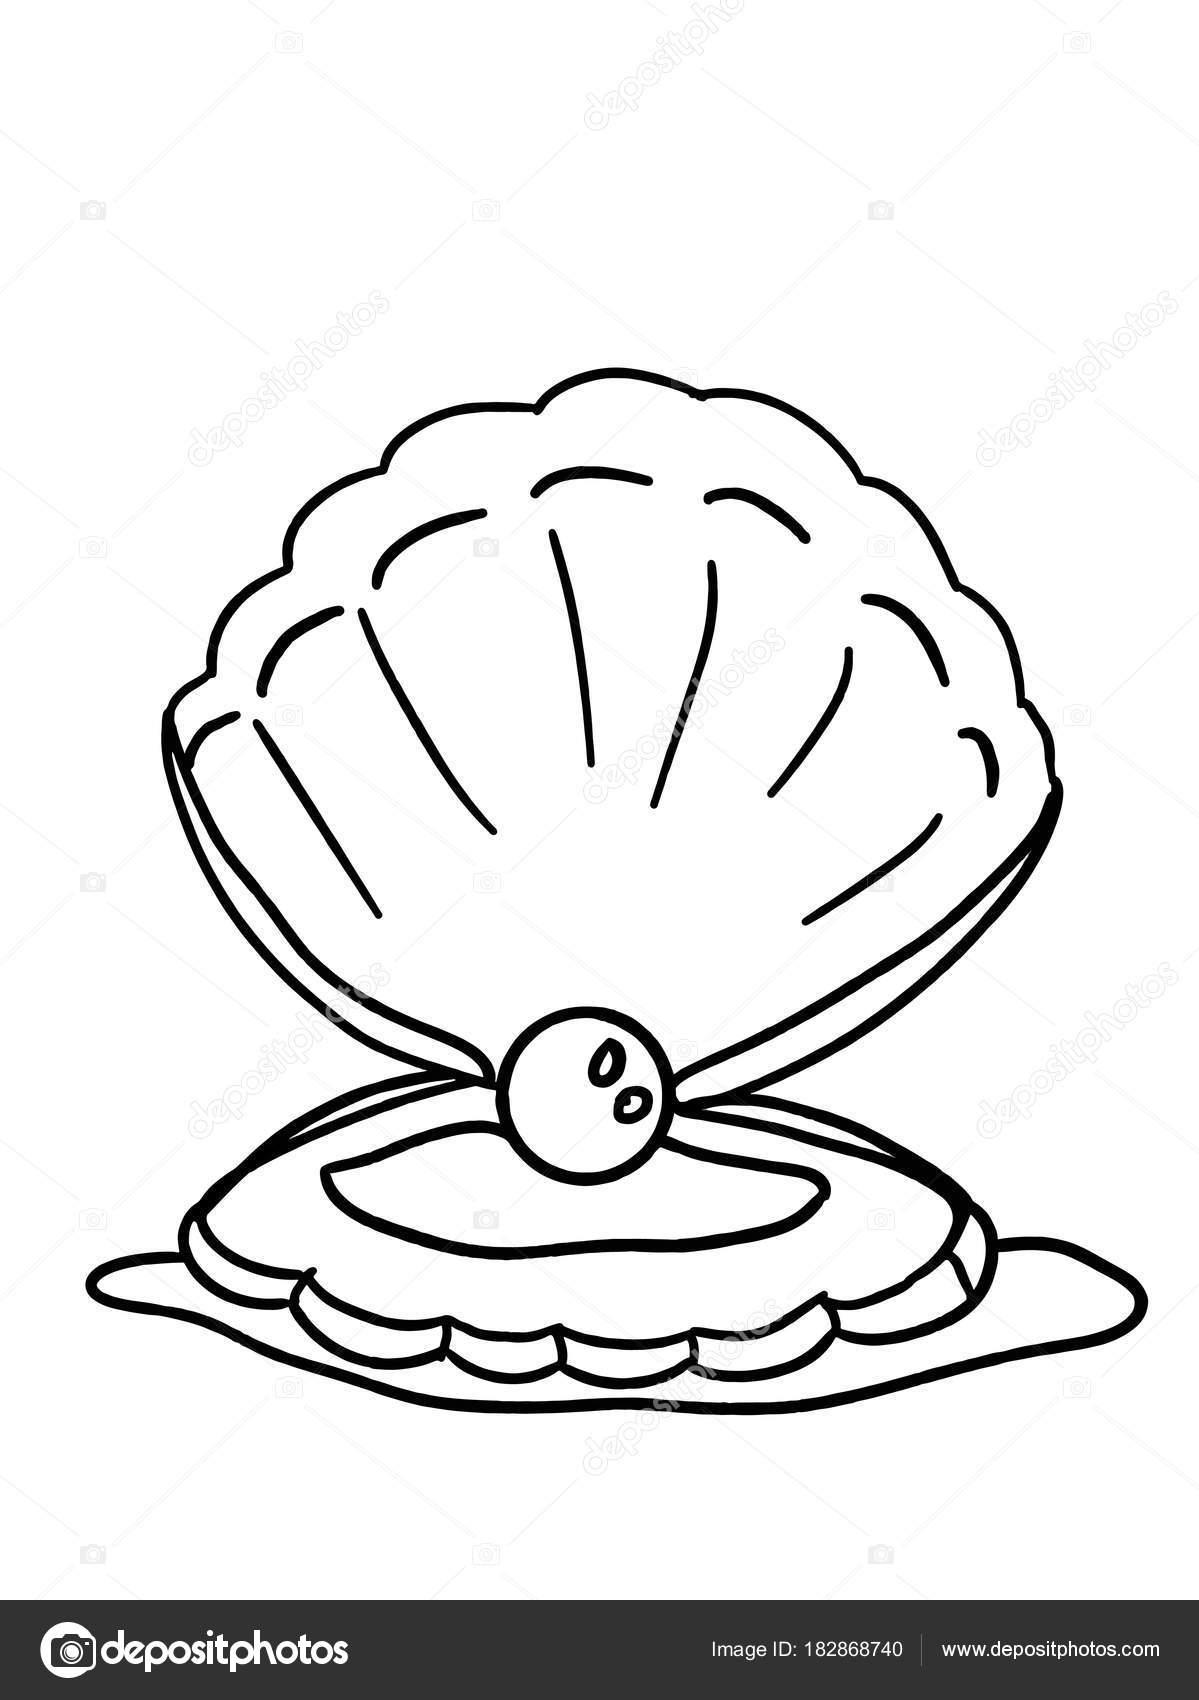 Perle Der Muscheln Cartoon Färbung — Stockfoto © designartks #182868740